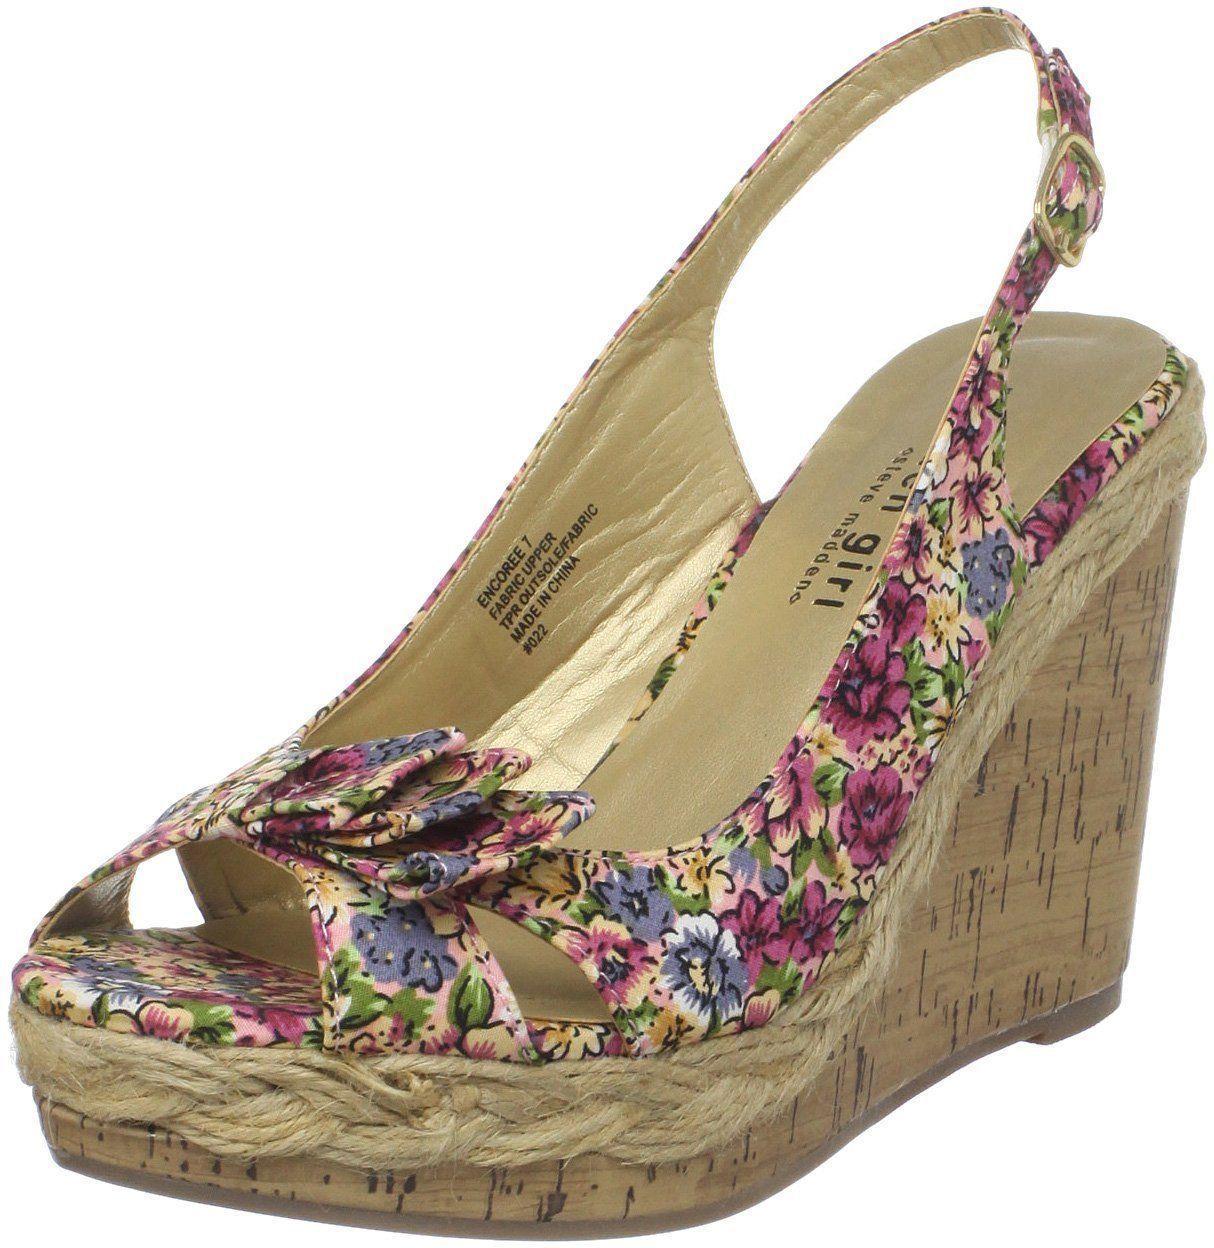 b4193a6e21e Madden Girl Shoes: 30 listings